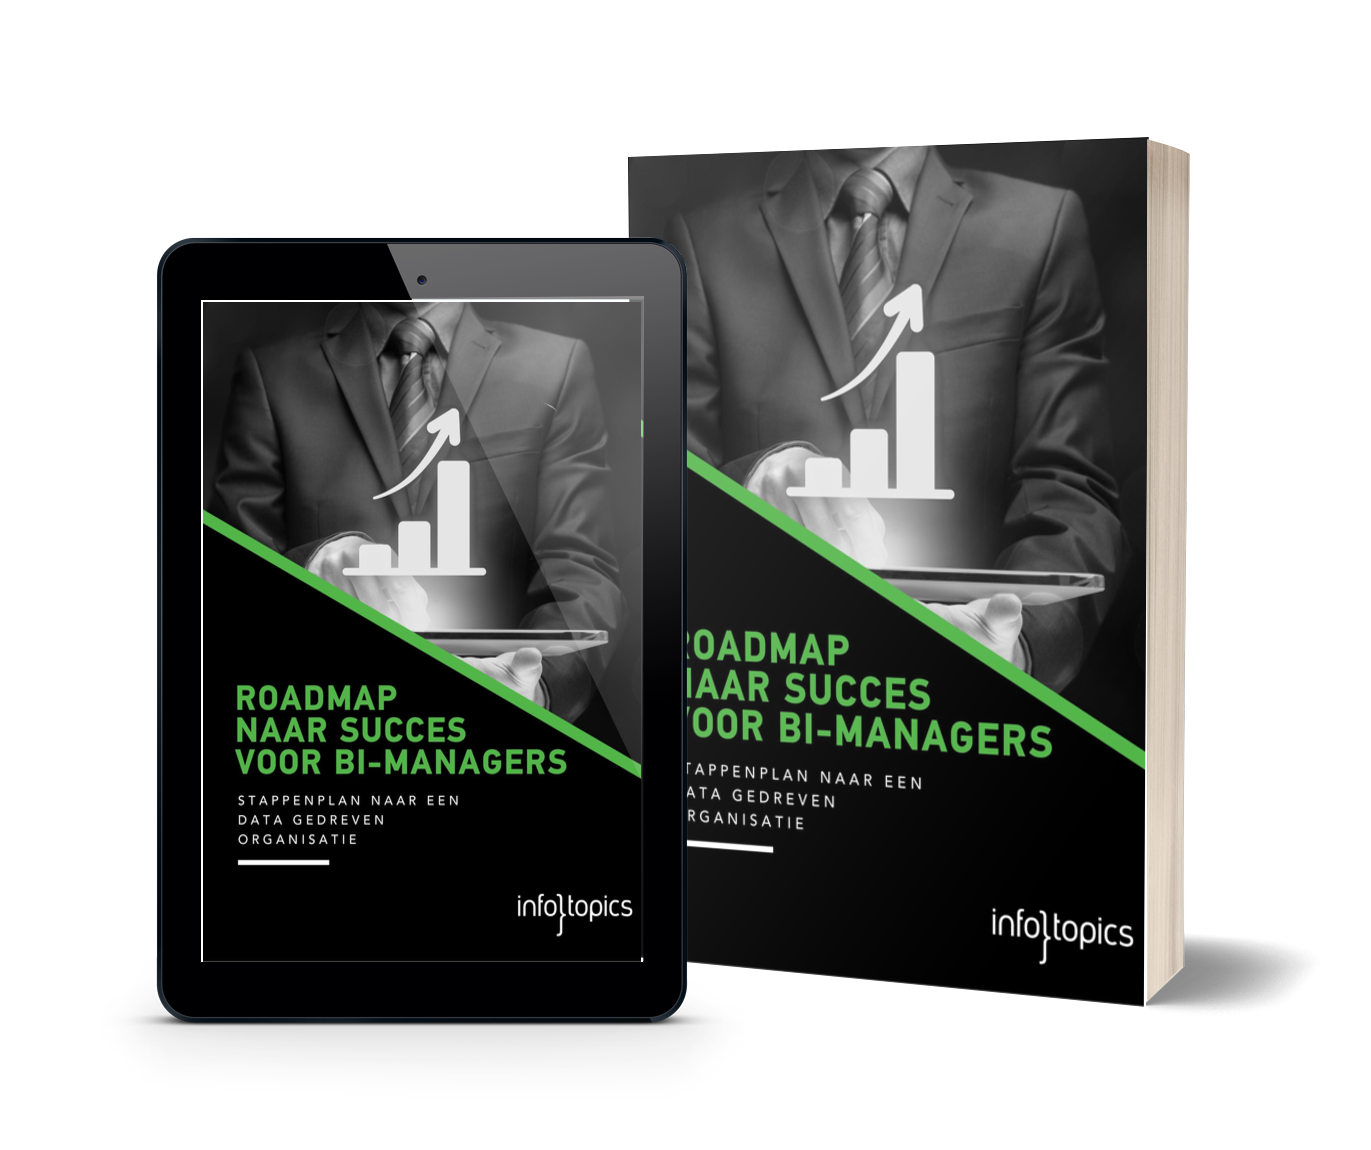 e-book infotopics de roadmap naar succes voor bi managers